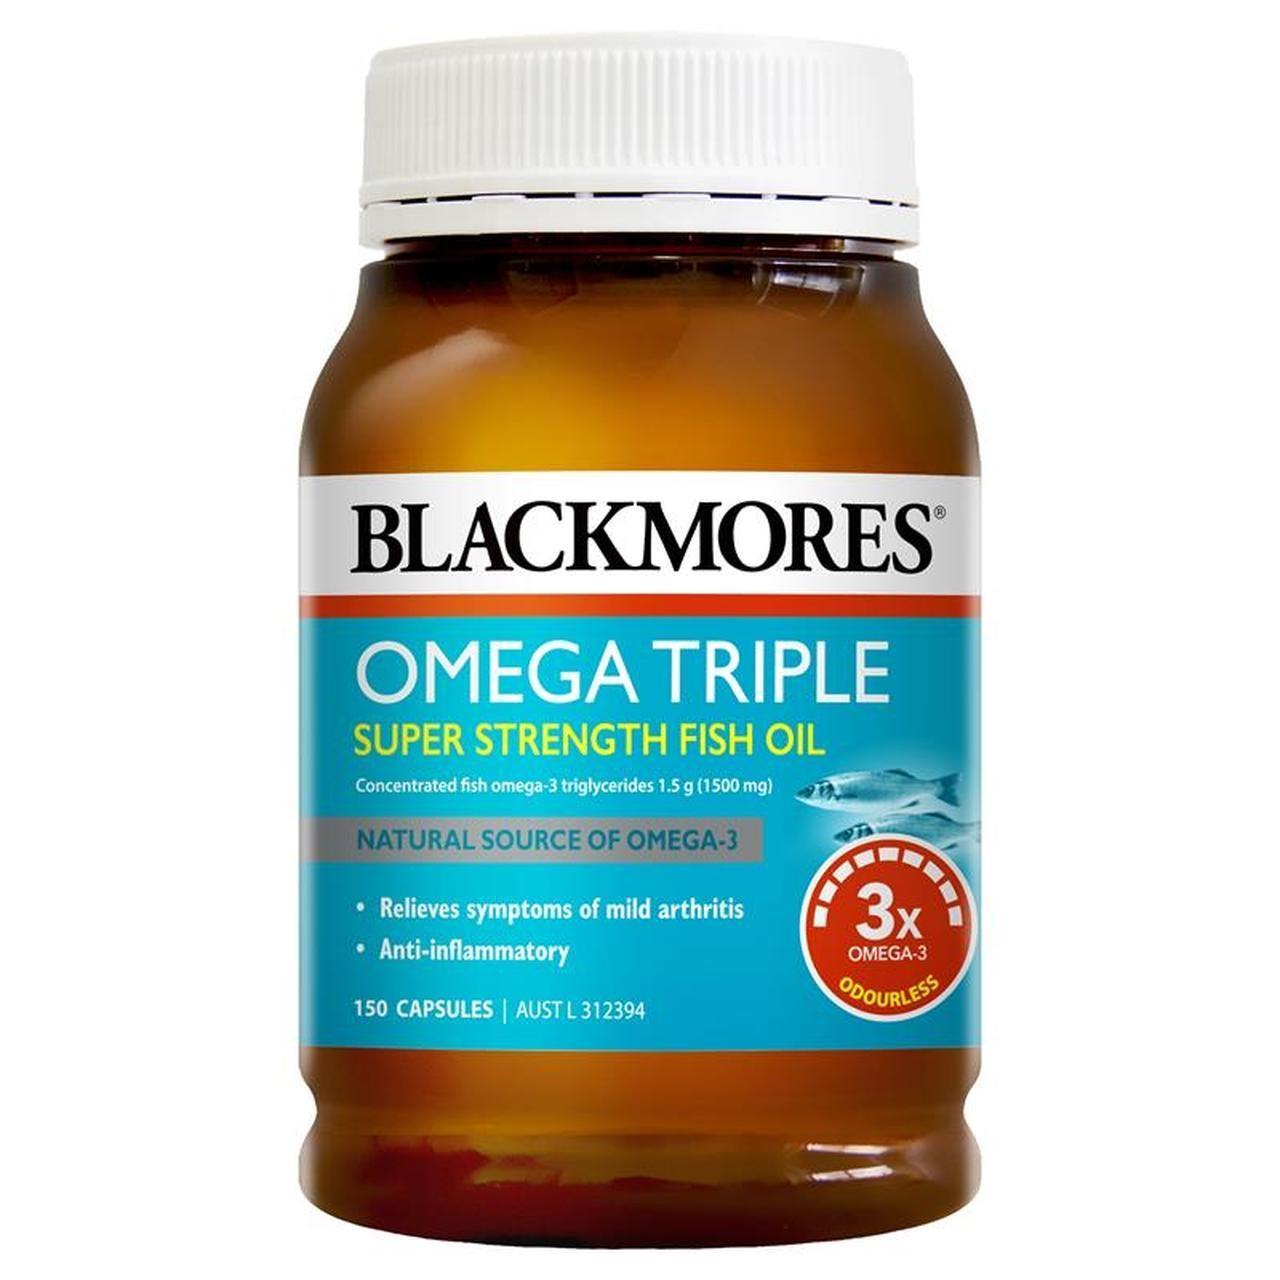 【最高滿減10澳】Blackmores 澳佳寶 三倍濃縮無腥味深海魚油 150粒